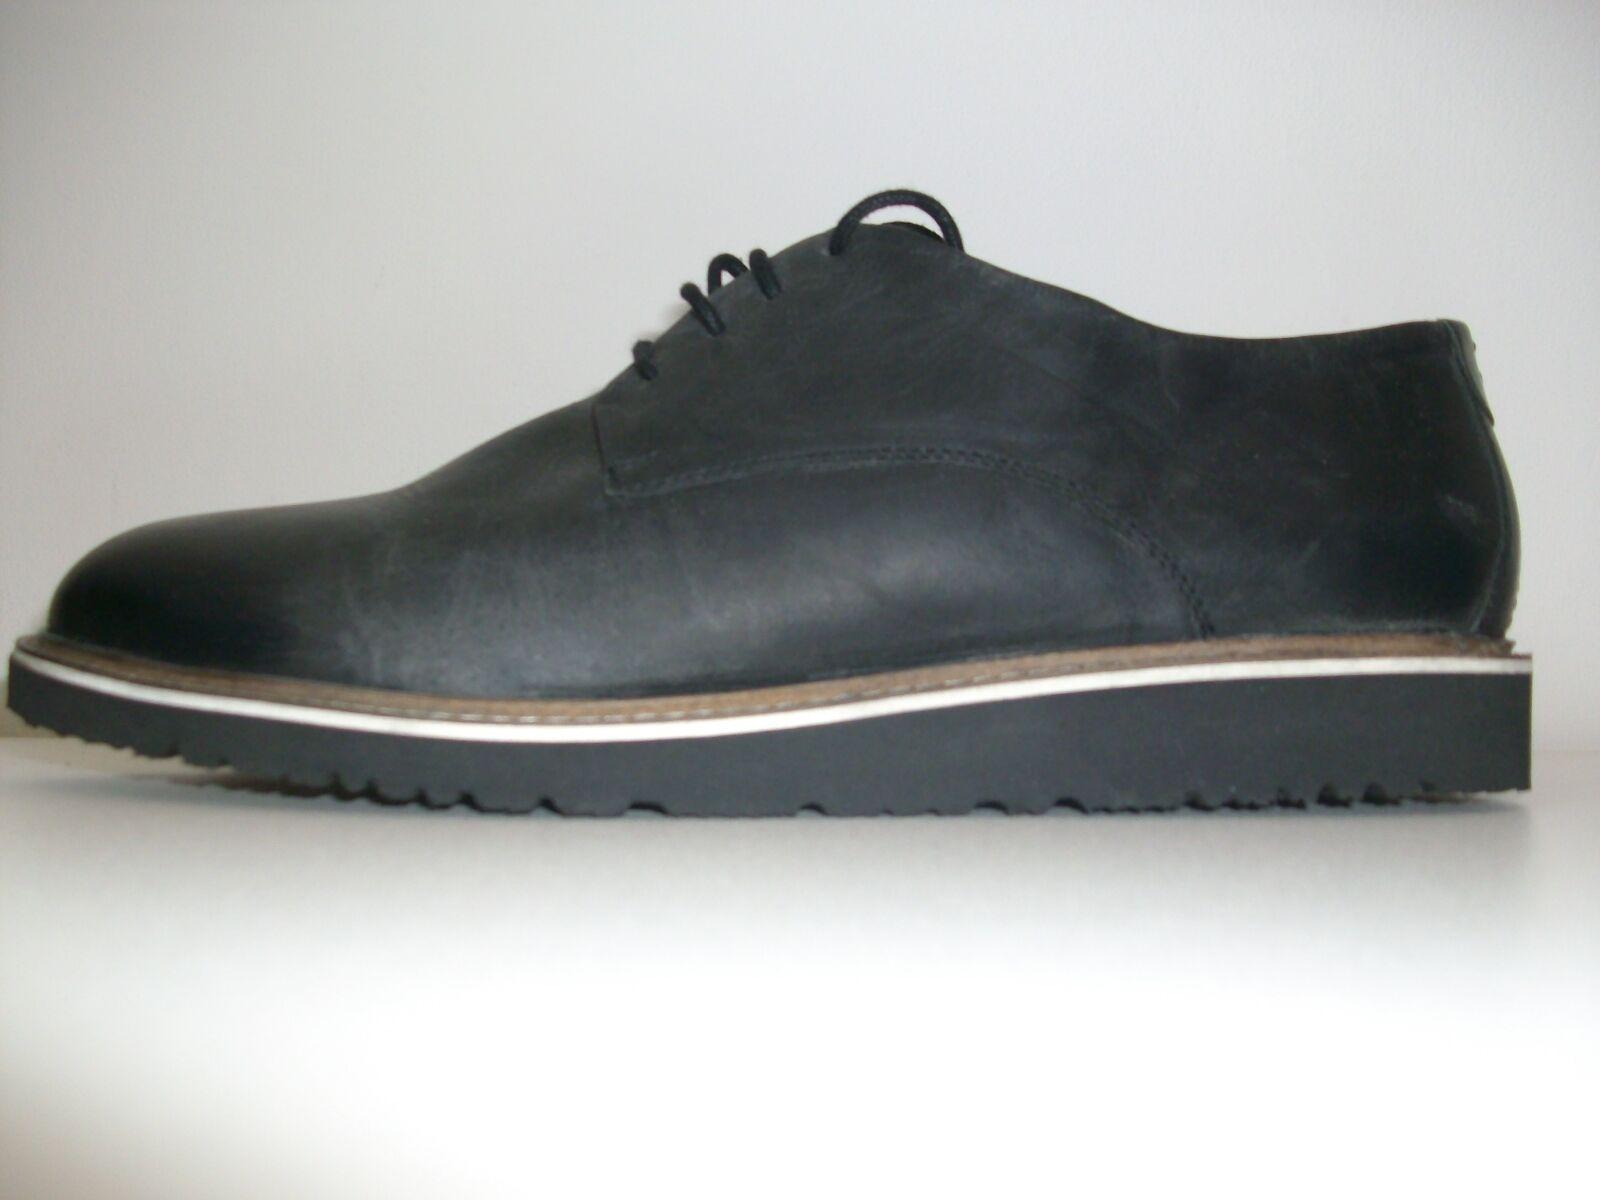 Prezzo consigliato NERO-GRIGIO £FRANK WRIGHT 85 NUOVO NERO-GRIGIO consigliato scarpe di pelle 9 43 MATT Schiuma Suola TAG 1fb104